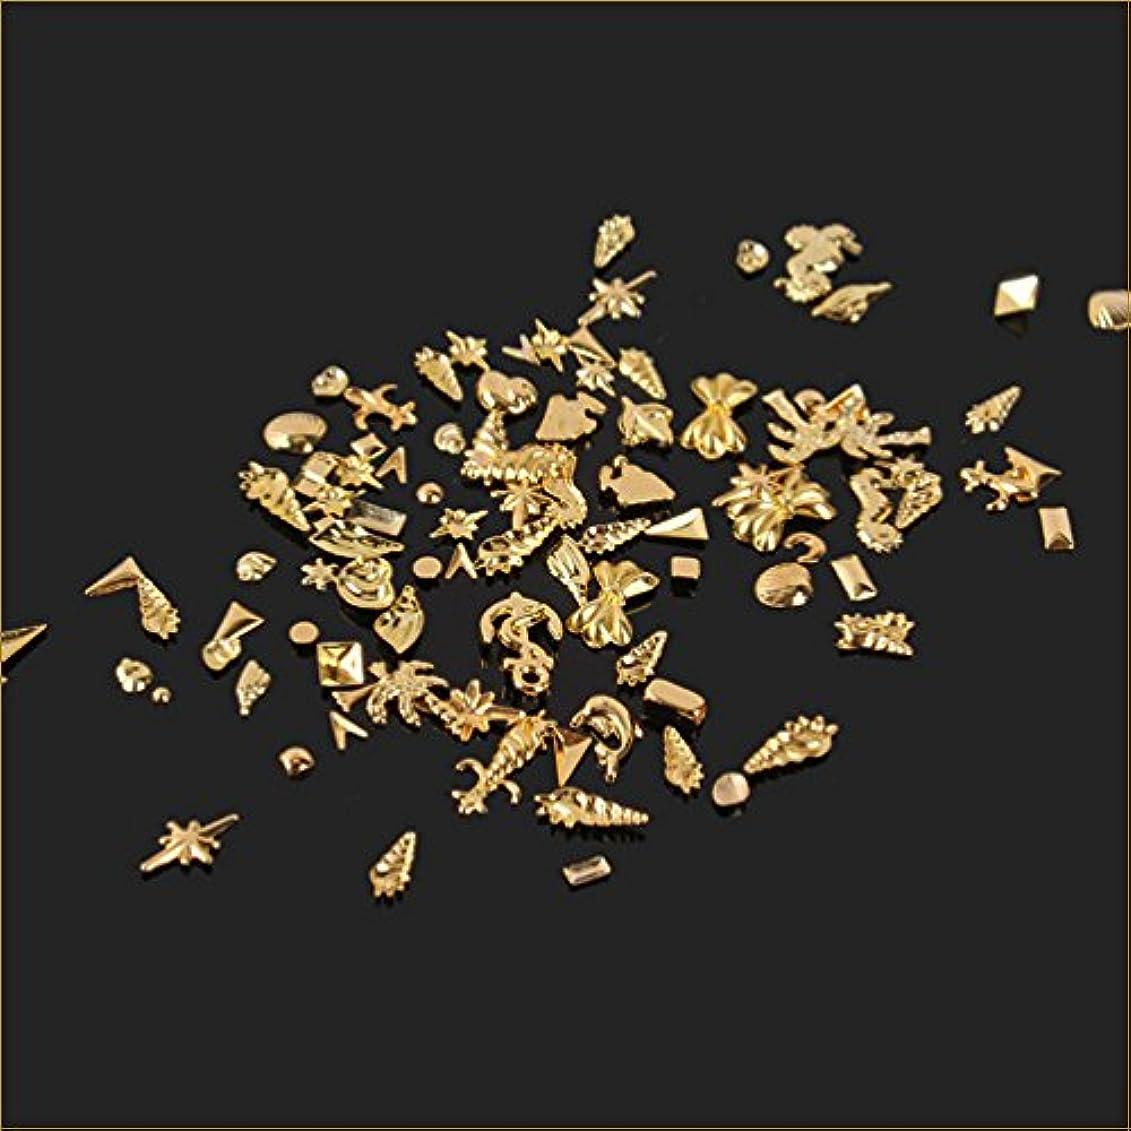 衝突有用不安定なネイルパーツ シェルパーツ ネイルアートパーツ 貝海系 100個入りサマーゴールド スタッズ ジェルネイル